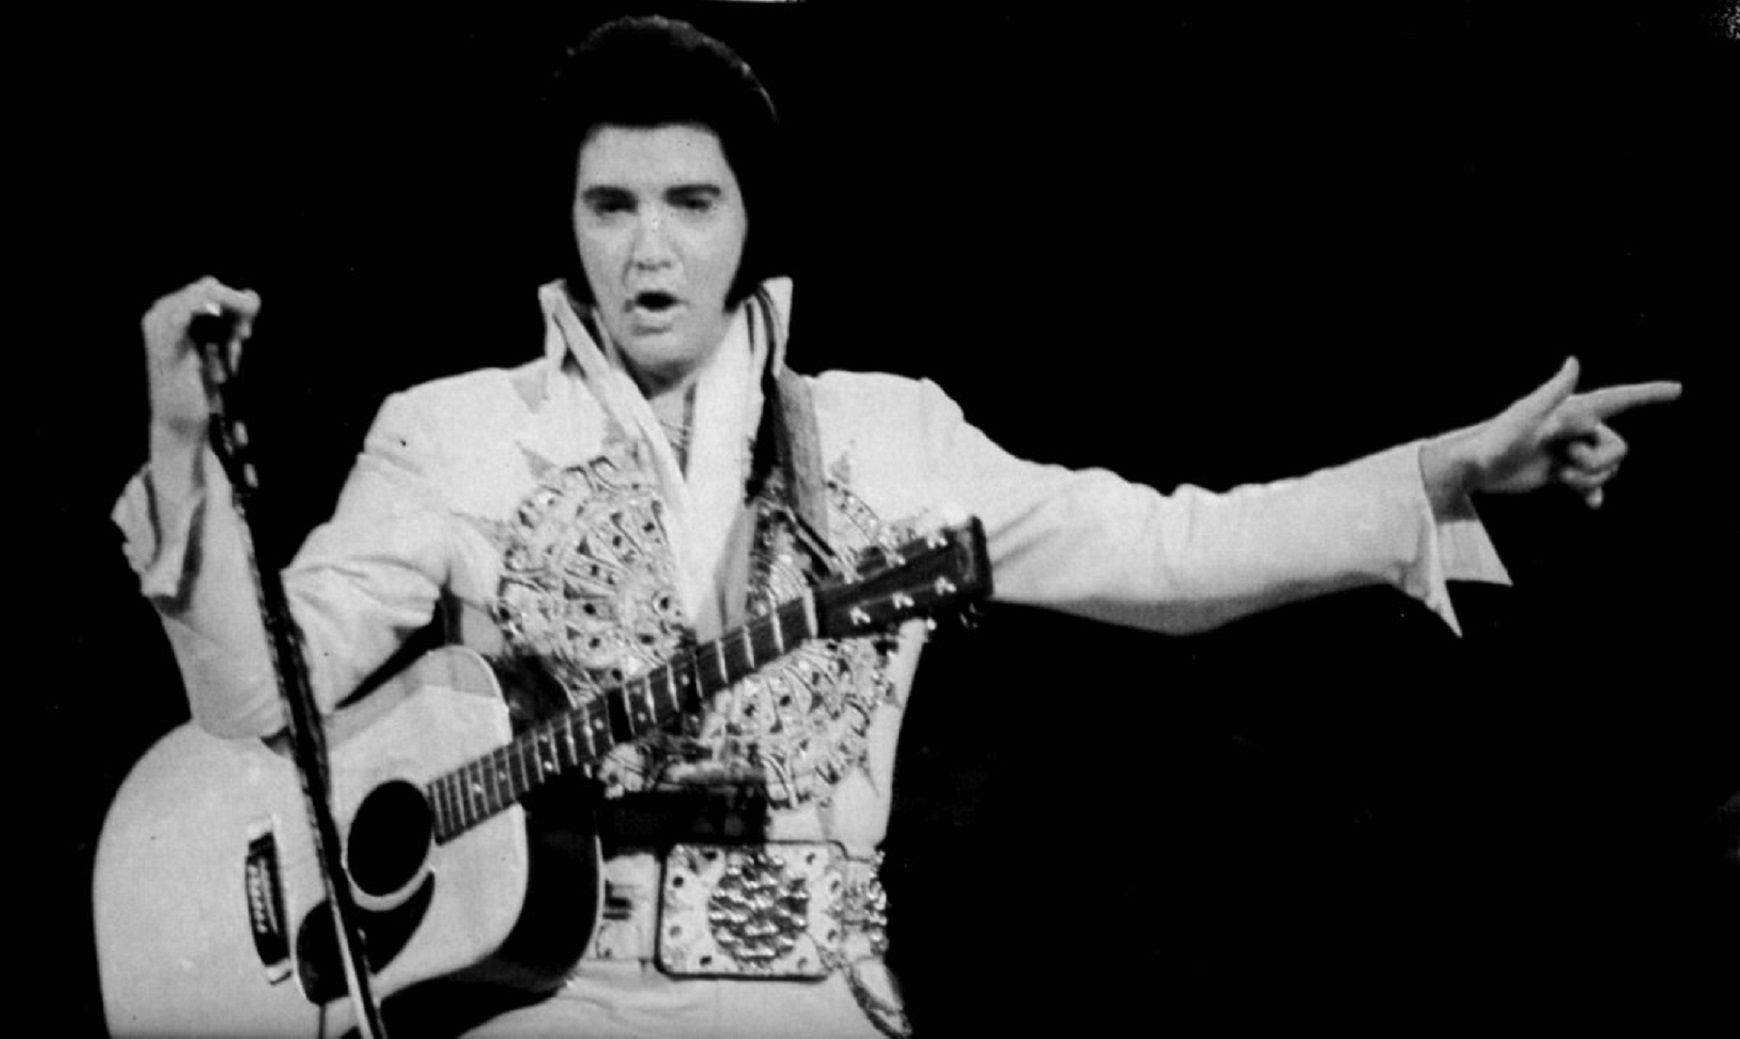 Elvis Presley Elvis Original Soundtrack Recording From His NBC TV Special